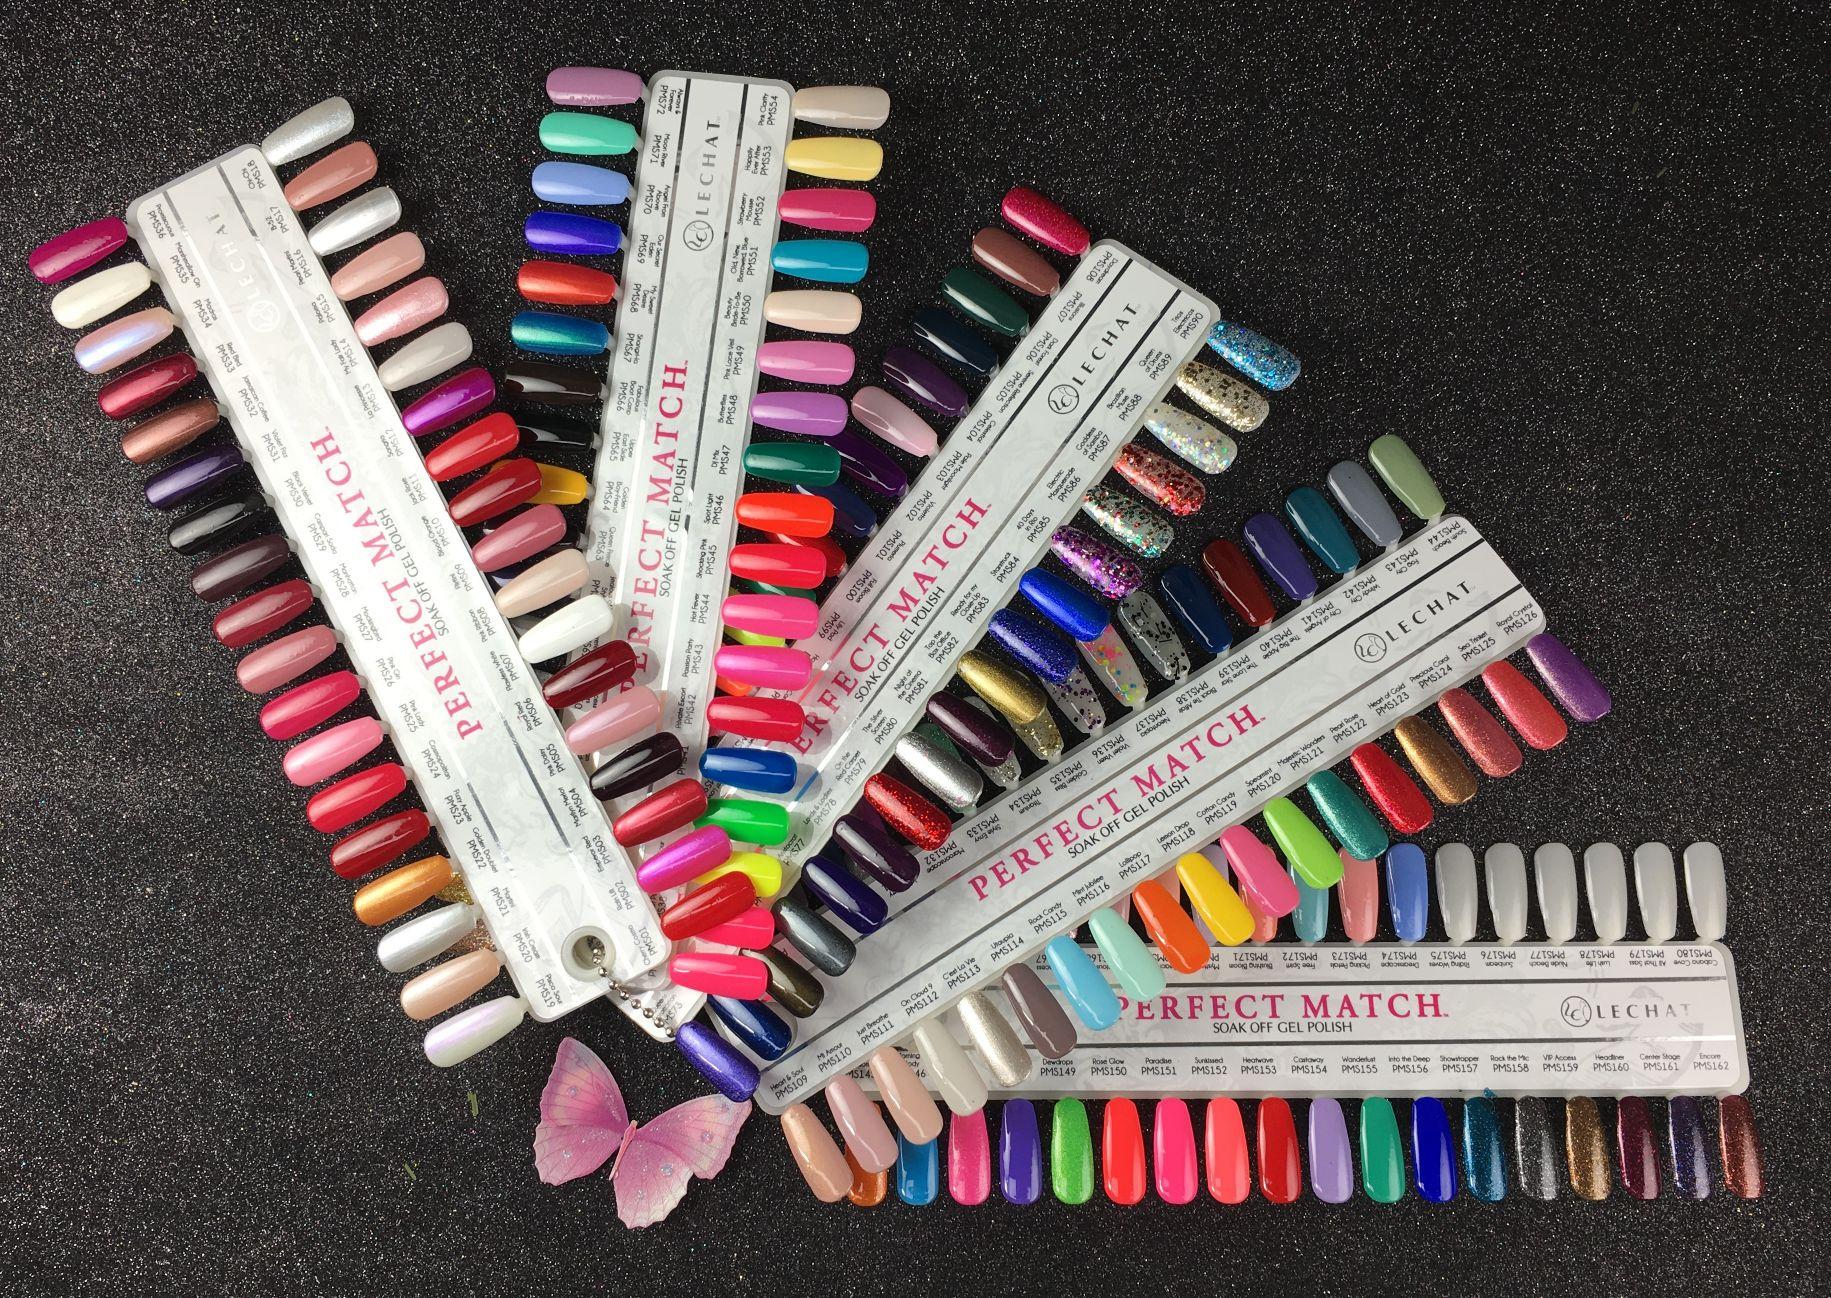 Lechat Perfect Match Full Color Palette 190pcs  wwwGelNailscom